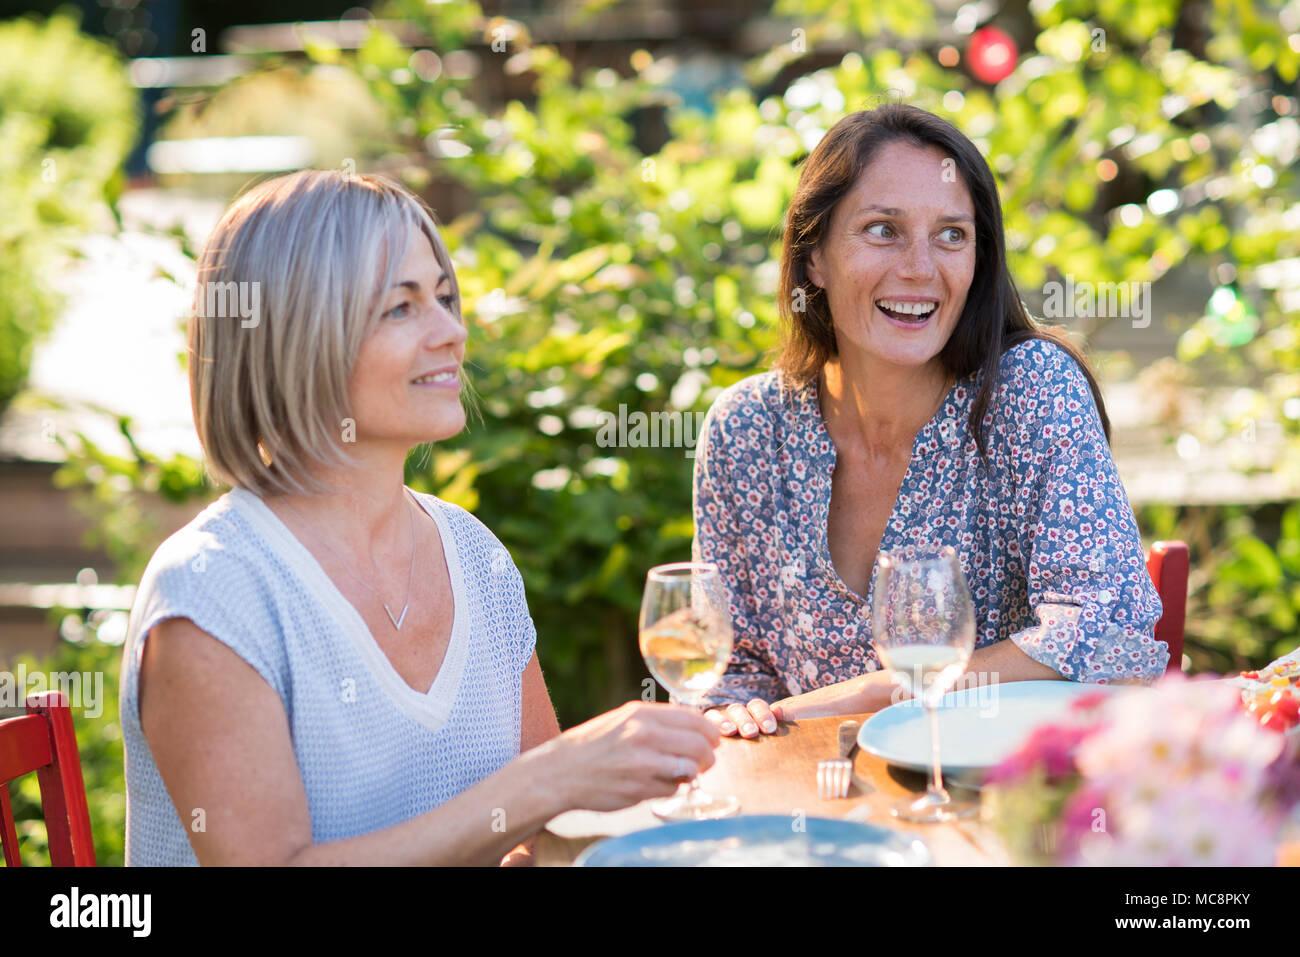 Retrato de dos hermosas mujeres en sus cuarenta, una morena y una rubia. Comparten una comida en la terraza del jardín con sus amigos Imagen De Stock